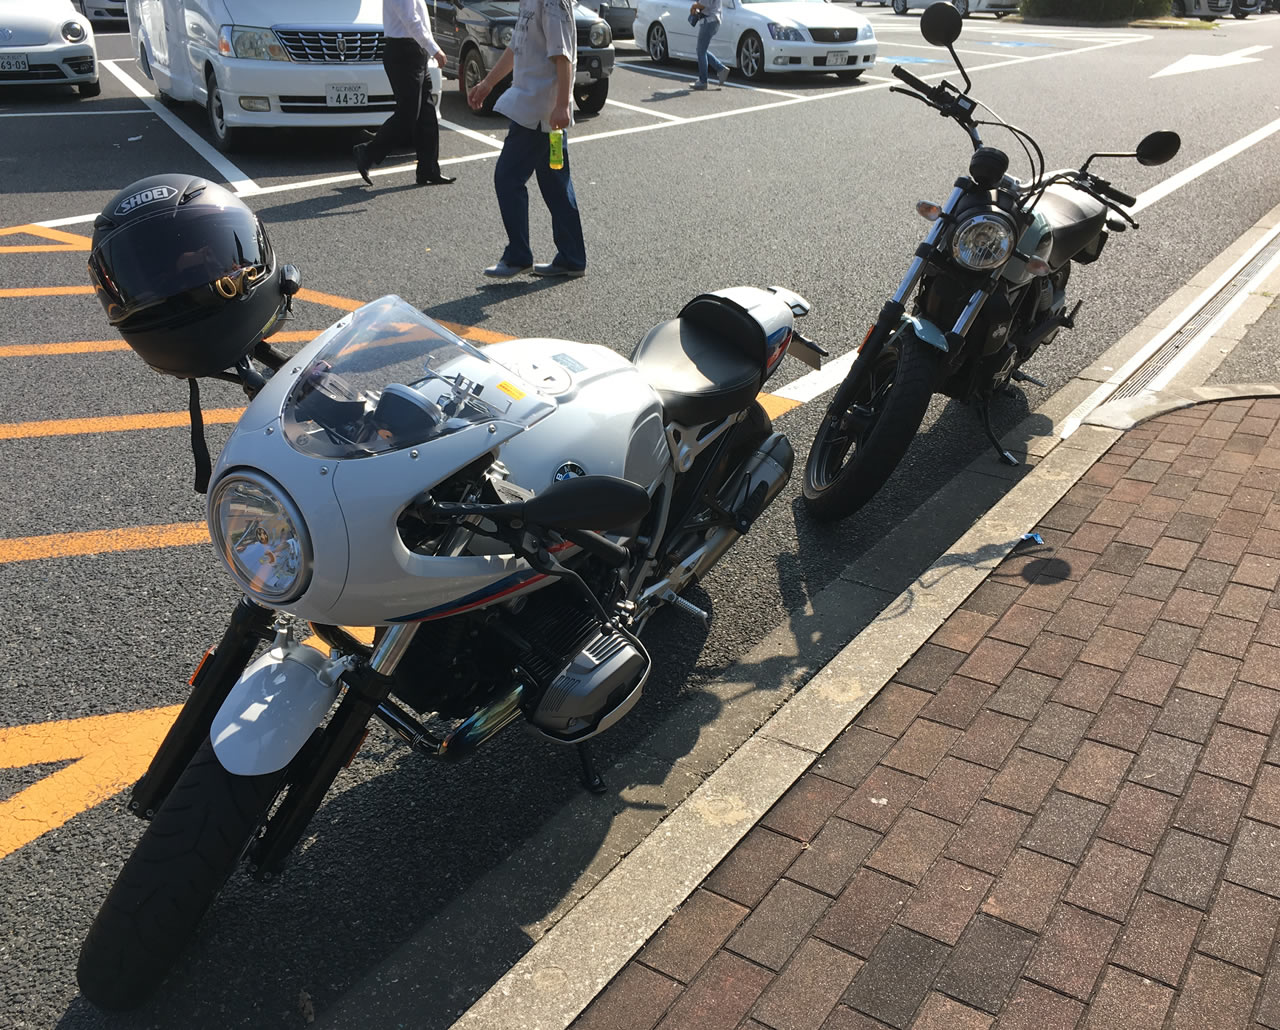 バイクを停めるスピースがいっぱいだったので路肩に駐車